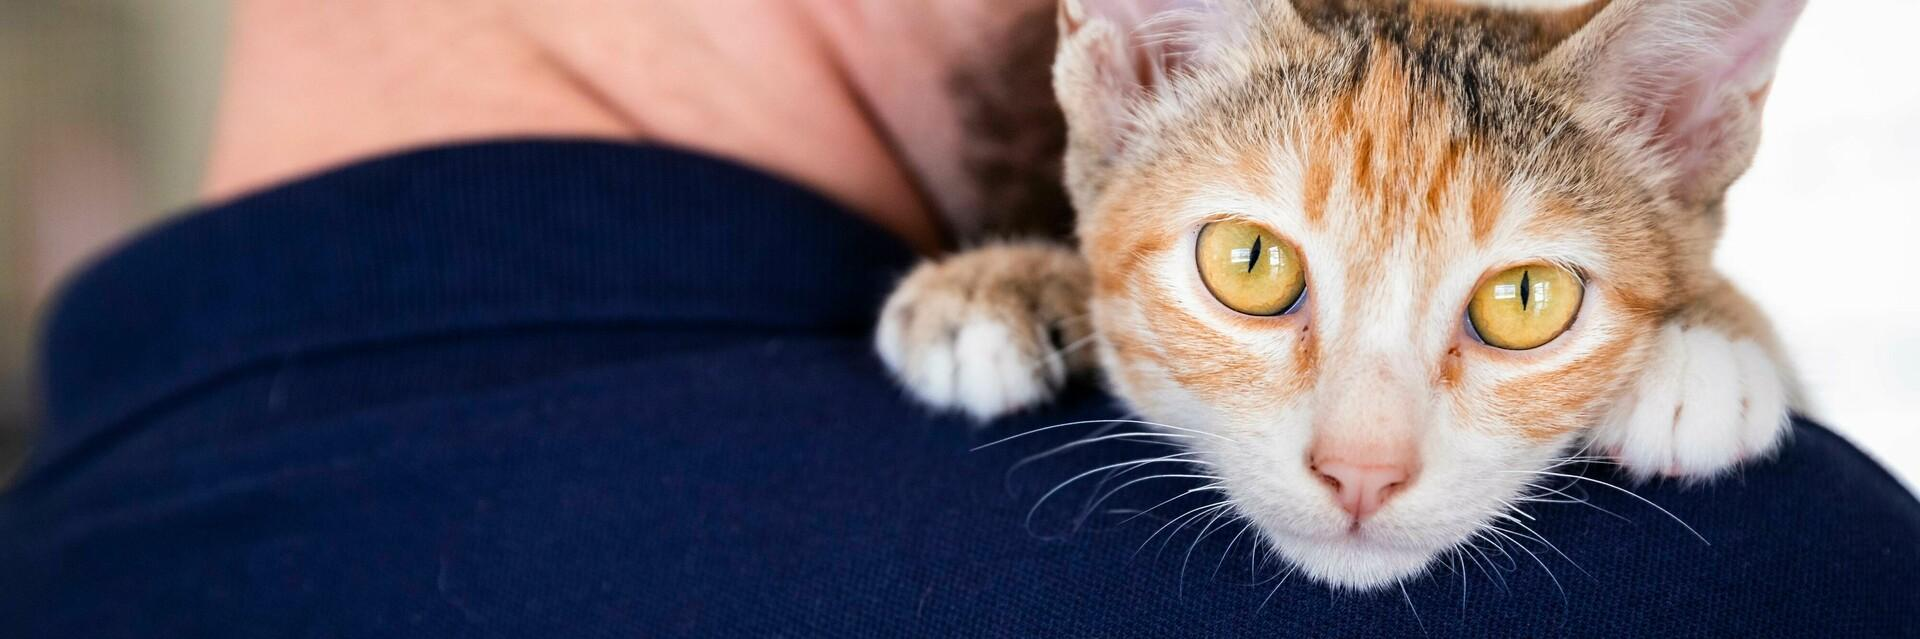 Katze und ihr Halter